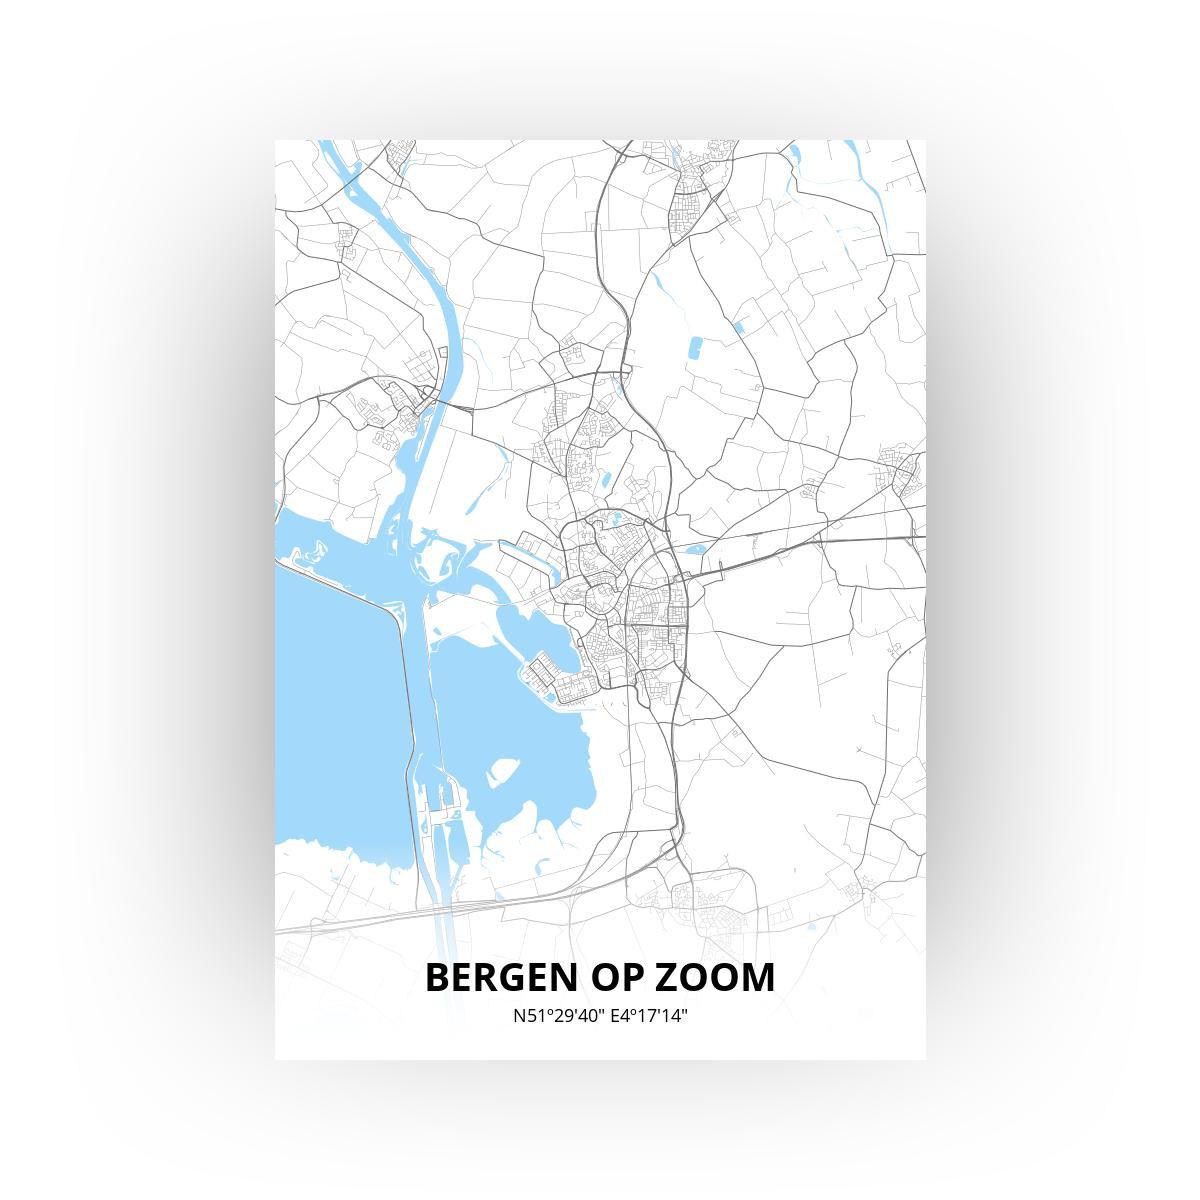 Bergen op Zoom print - Standaard stijl